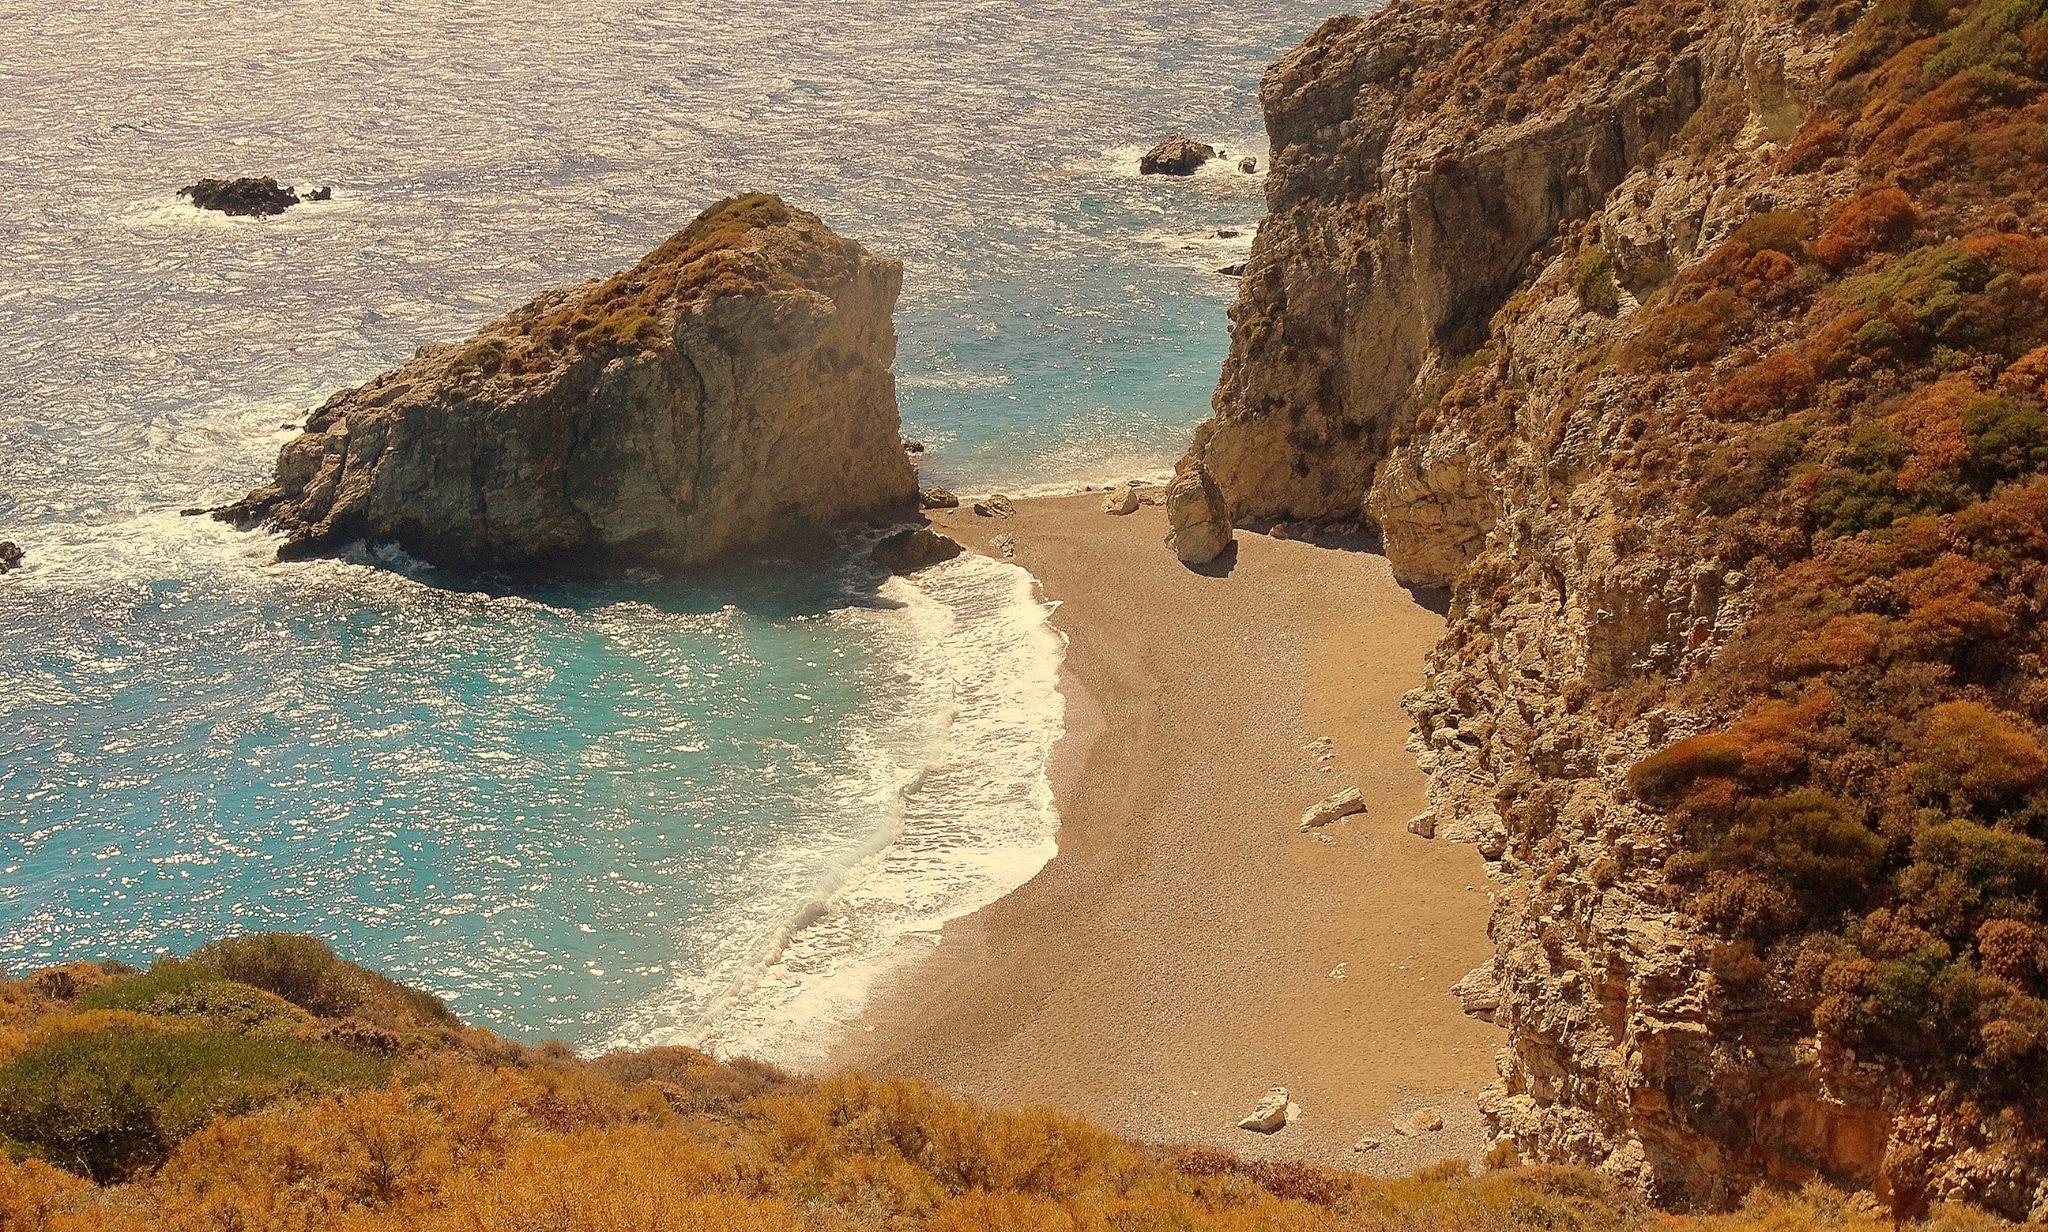 Παραλία Καλαδί / Kaladi beach